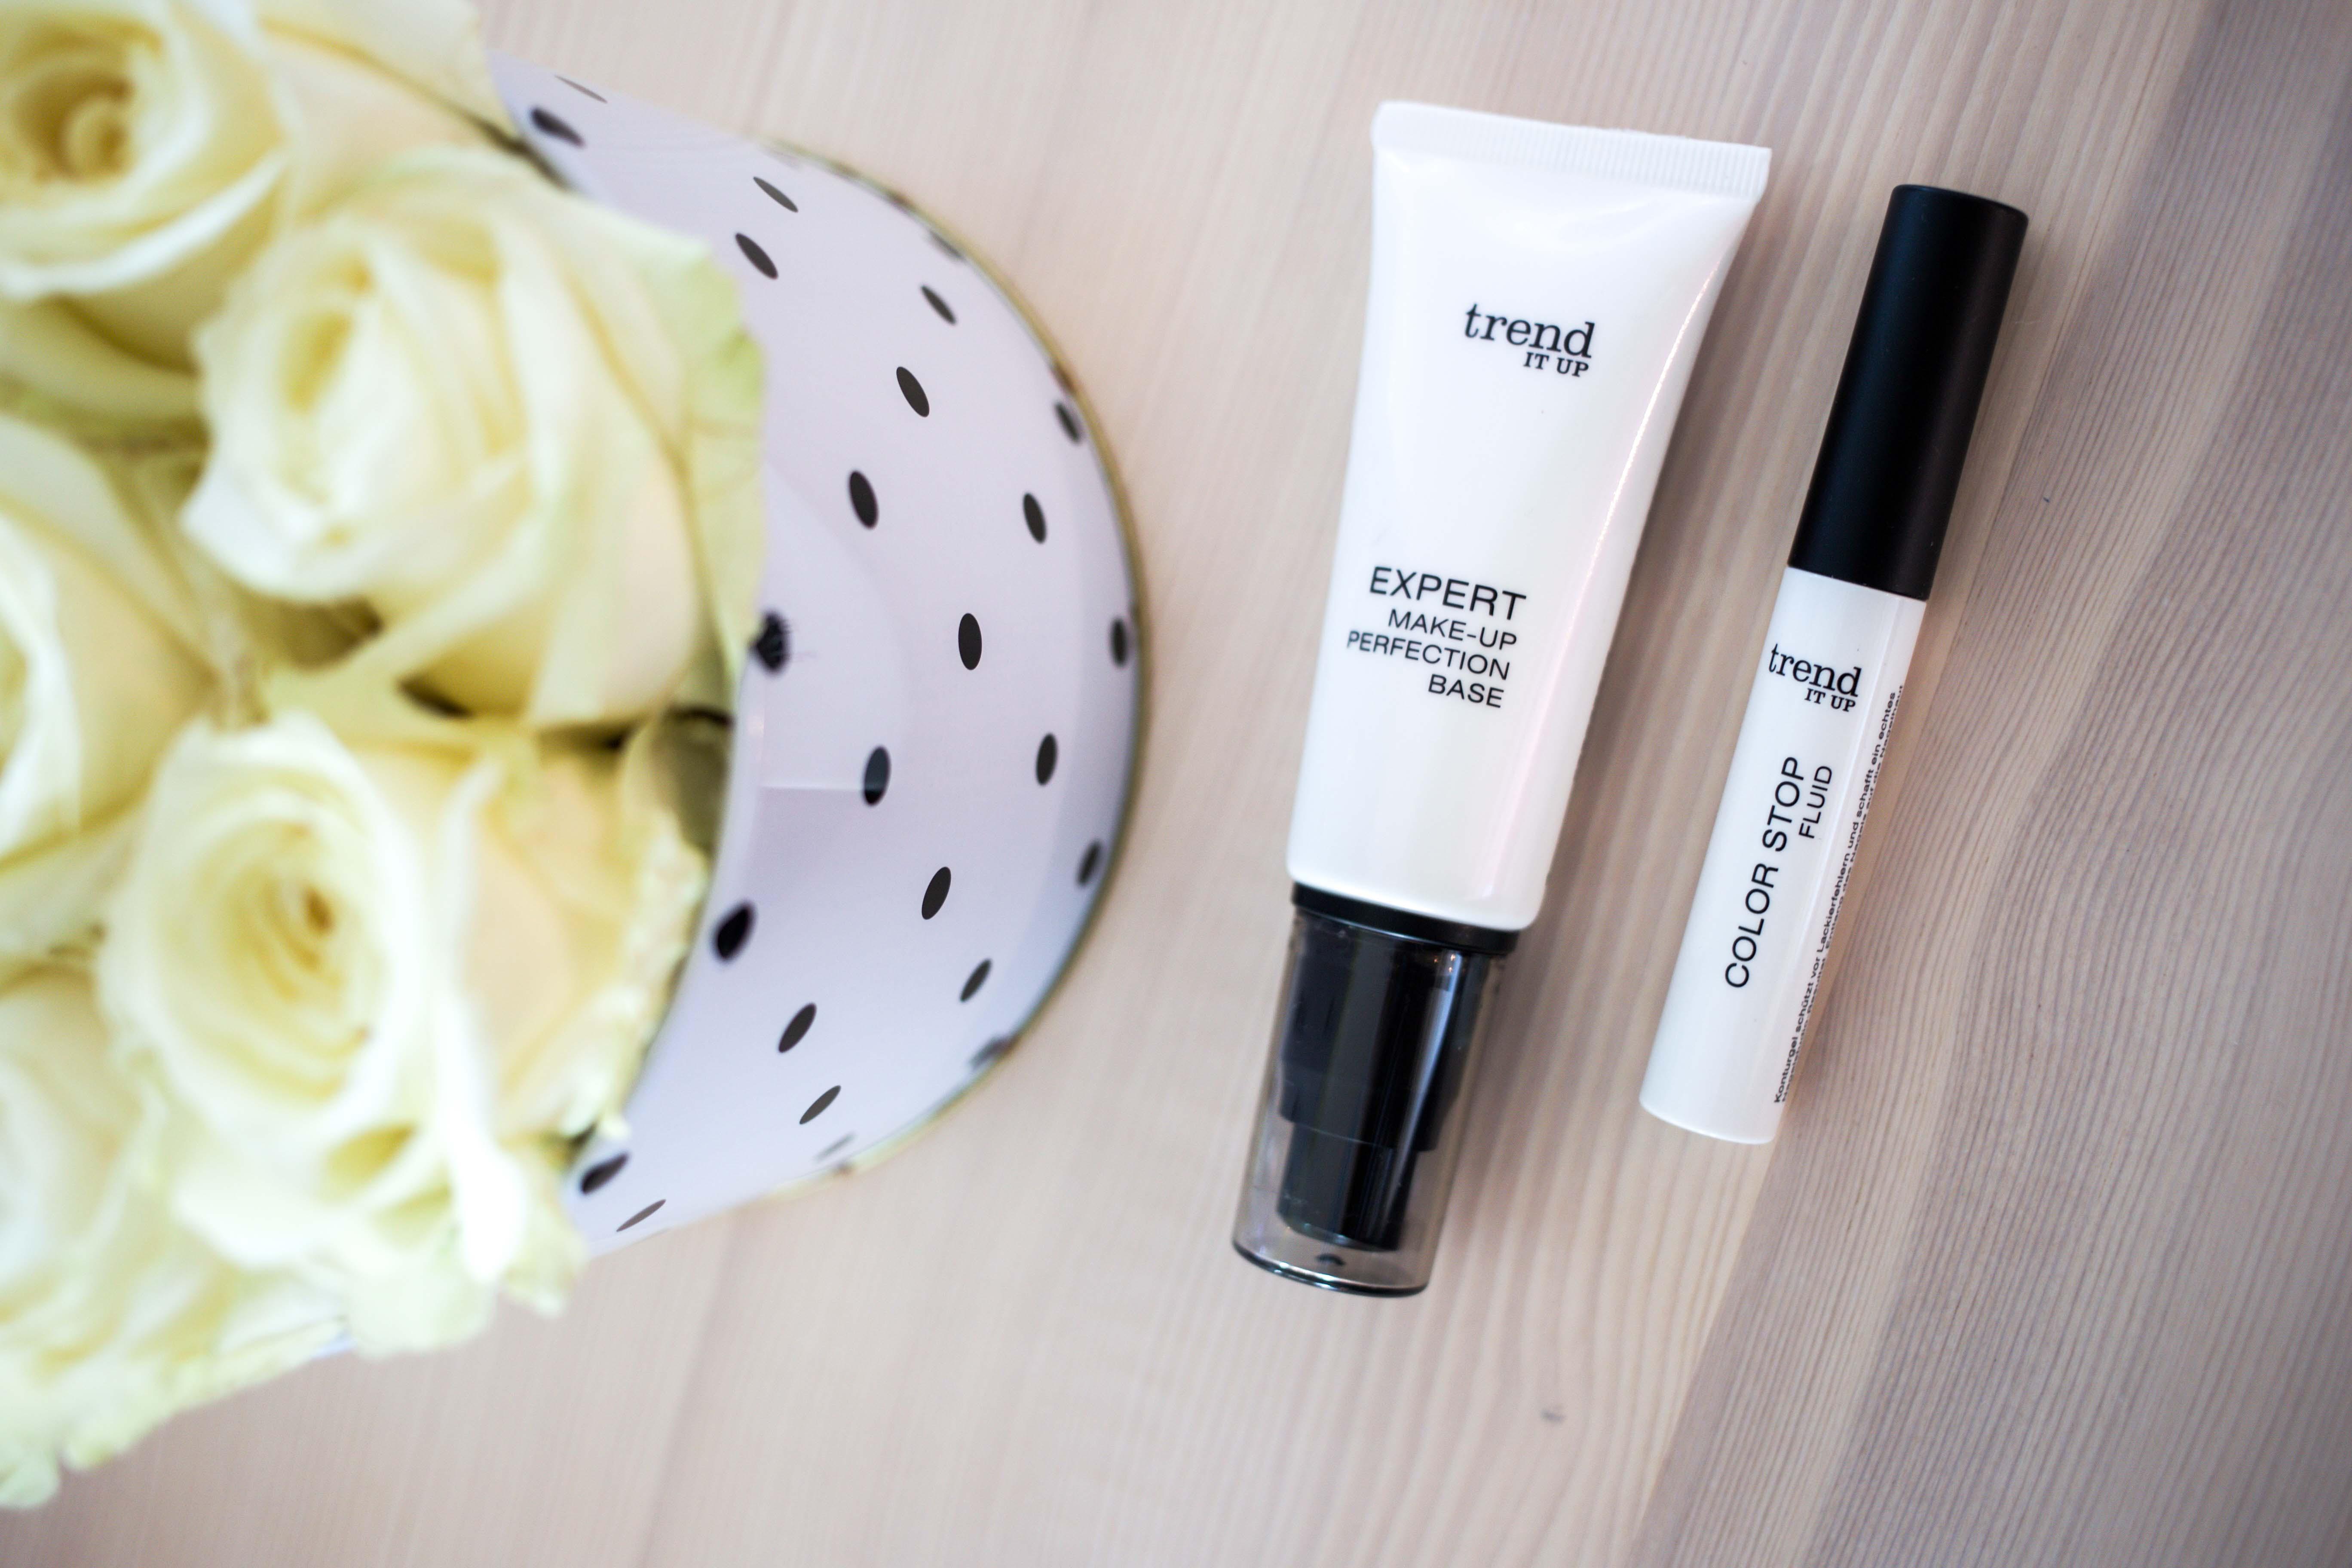 dm-trend-it-up-neuheiten-beauty-make-up-muc_9987